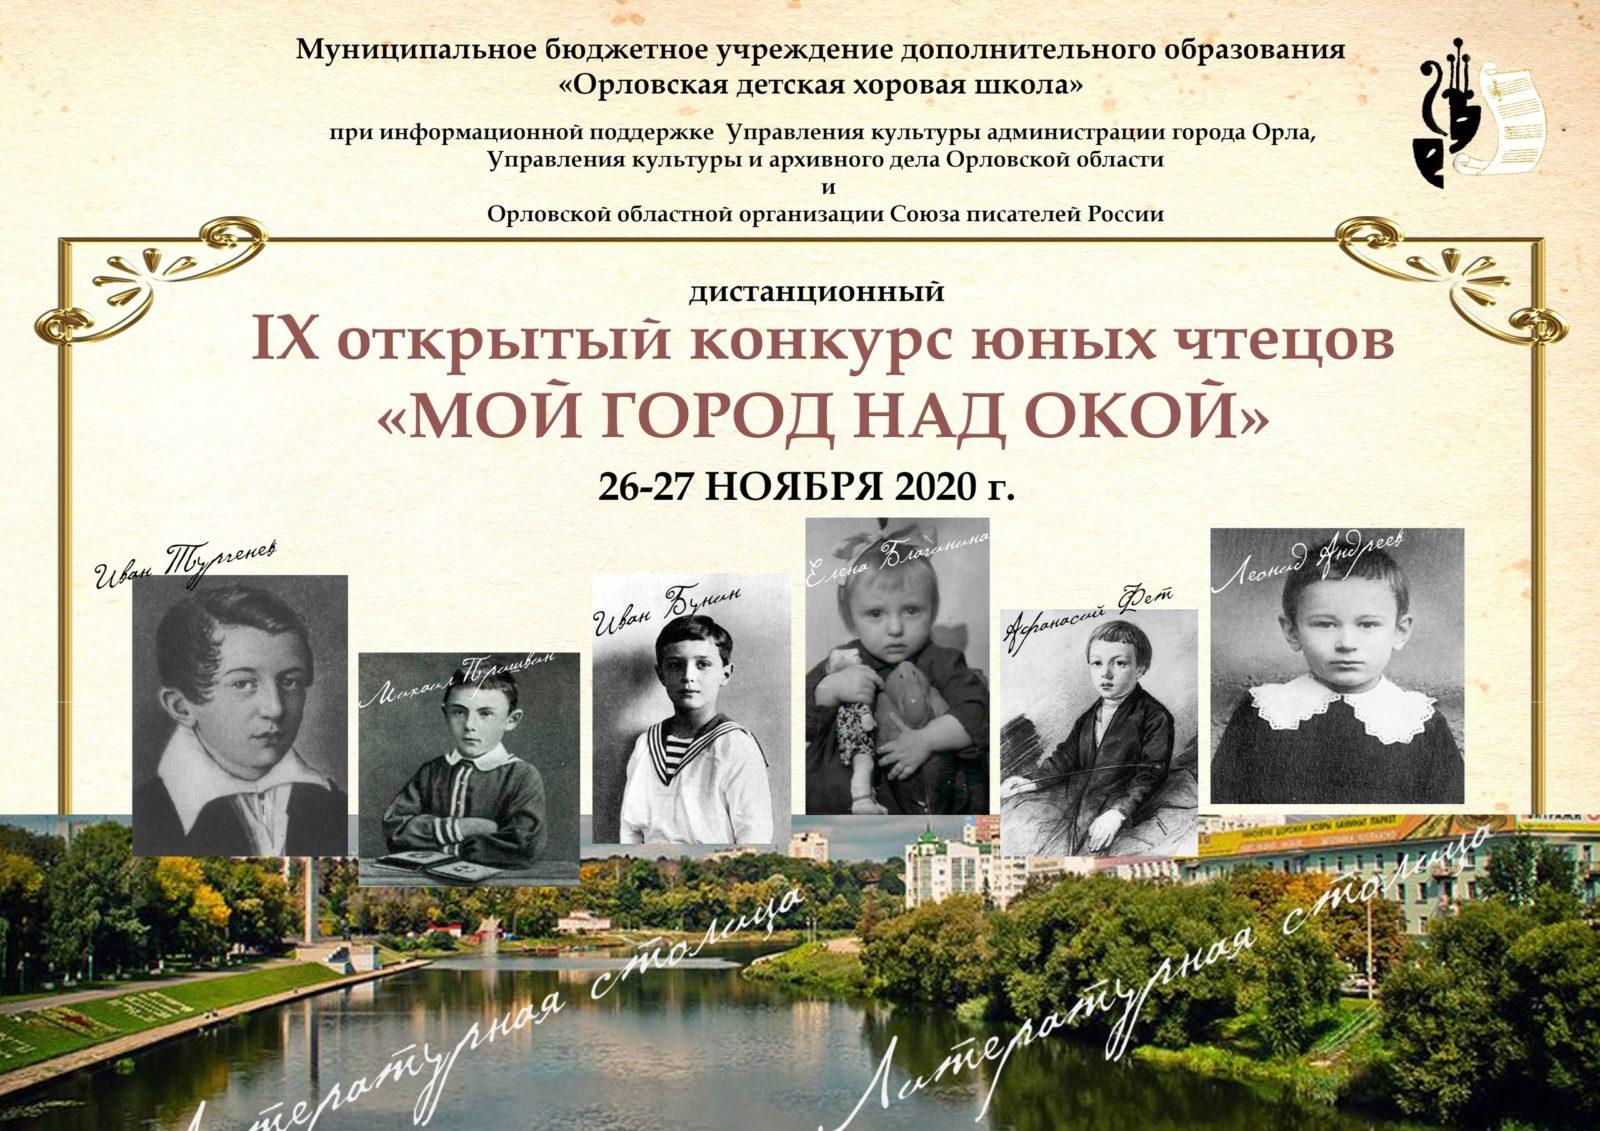 Итоги IX открытого конкурса юных чтецов «Мой город над Окой»